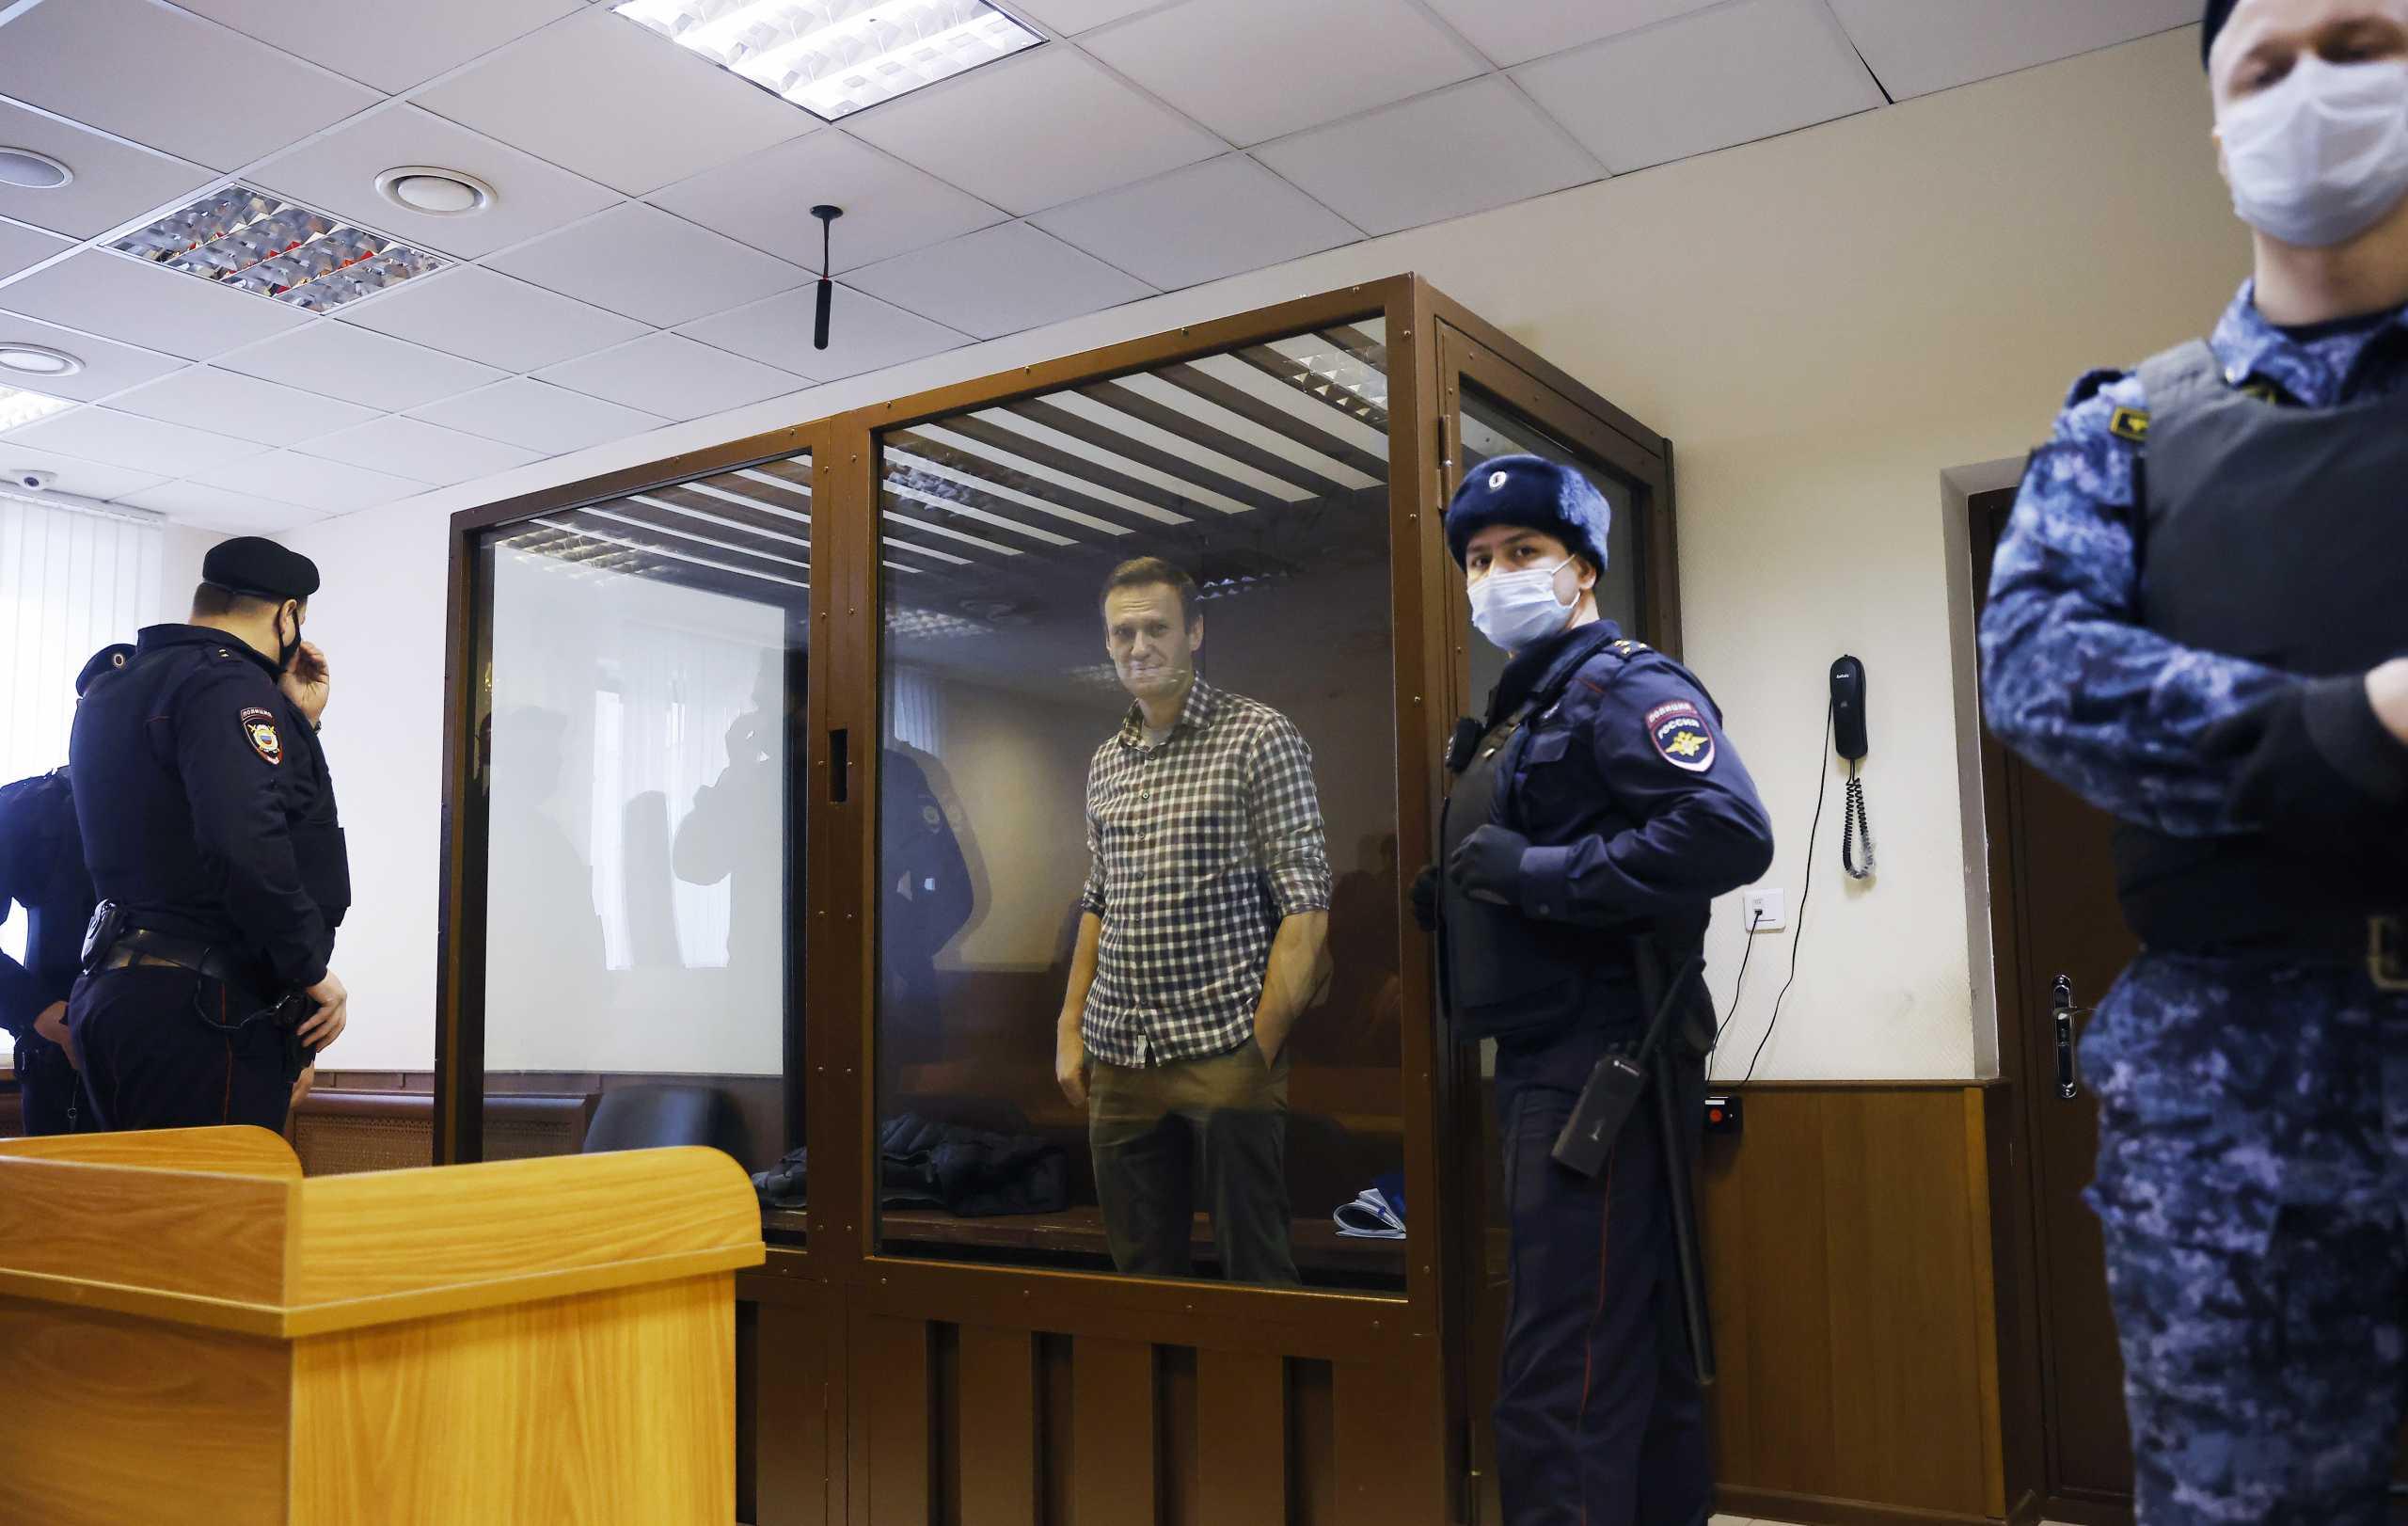 Ρωσία: «Άκυρο» από το δικαστήριο στον Ναβάλνι για μείωση της ποινής του